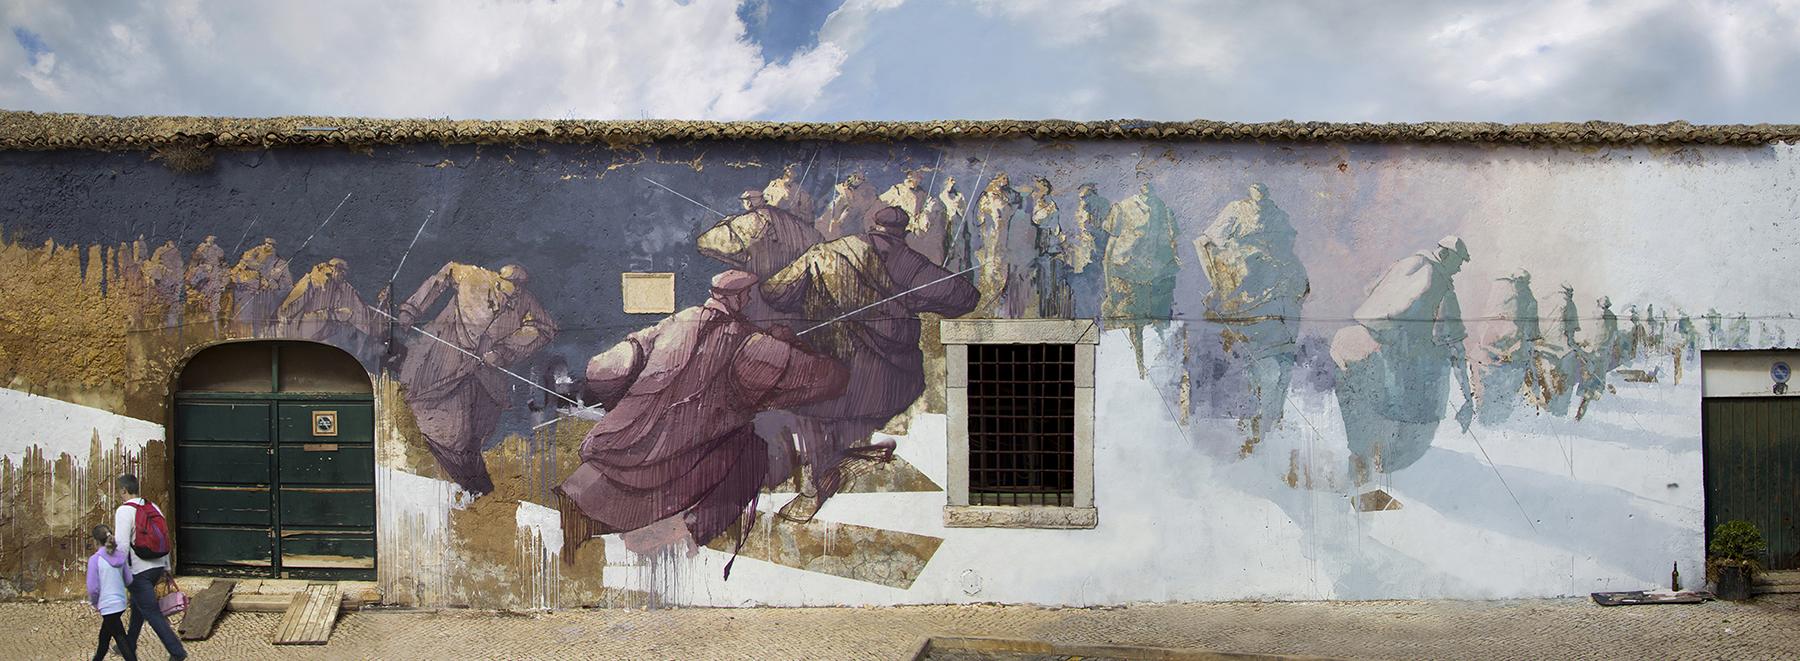 sepe-new-mural-in-lagos-portugal-01